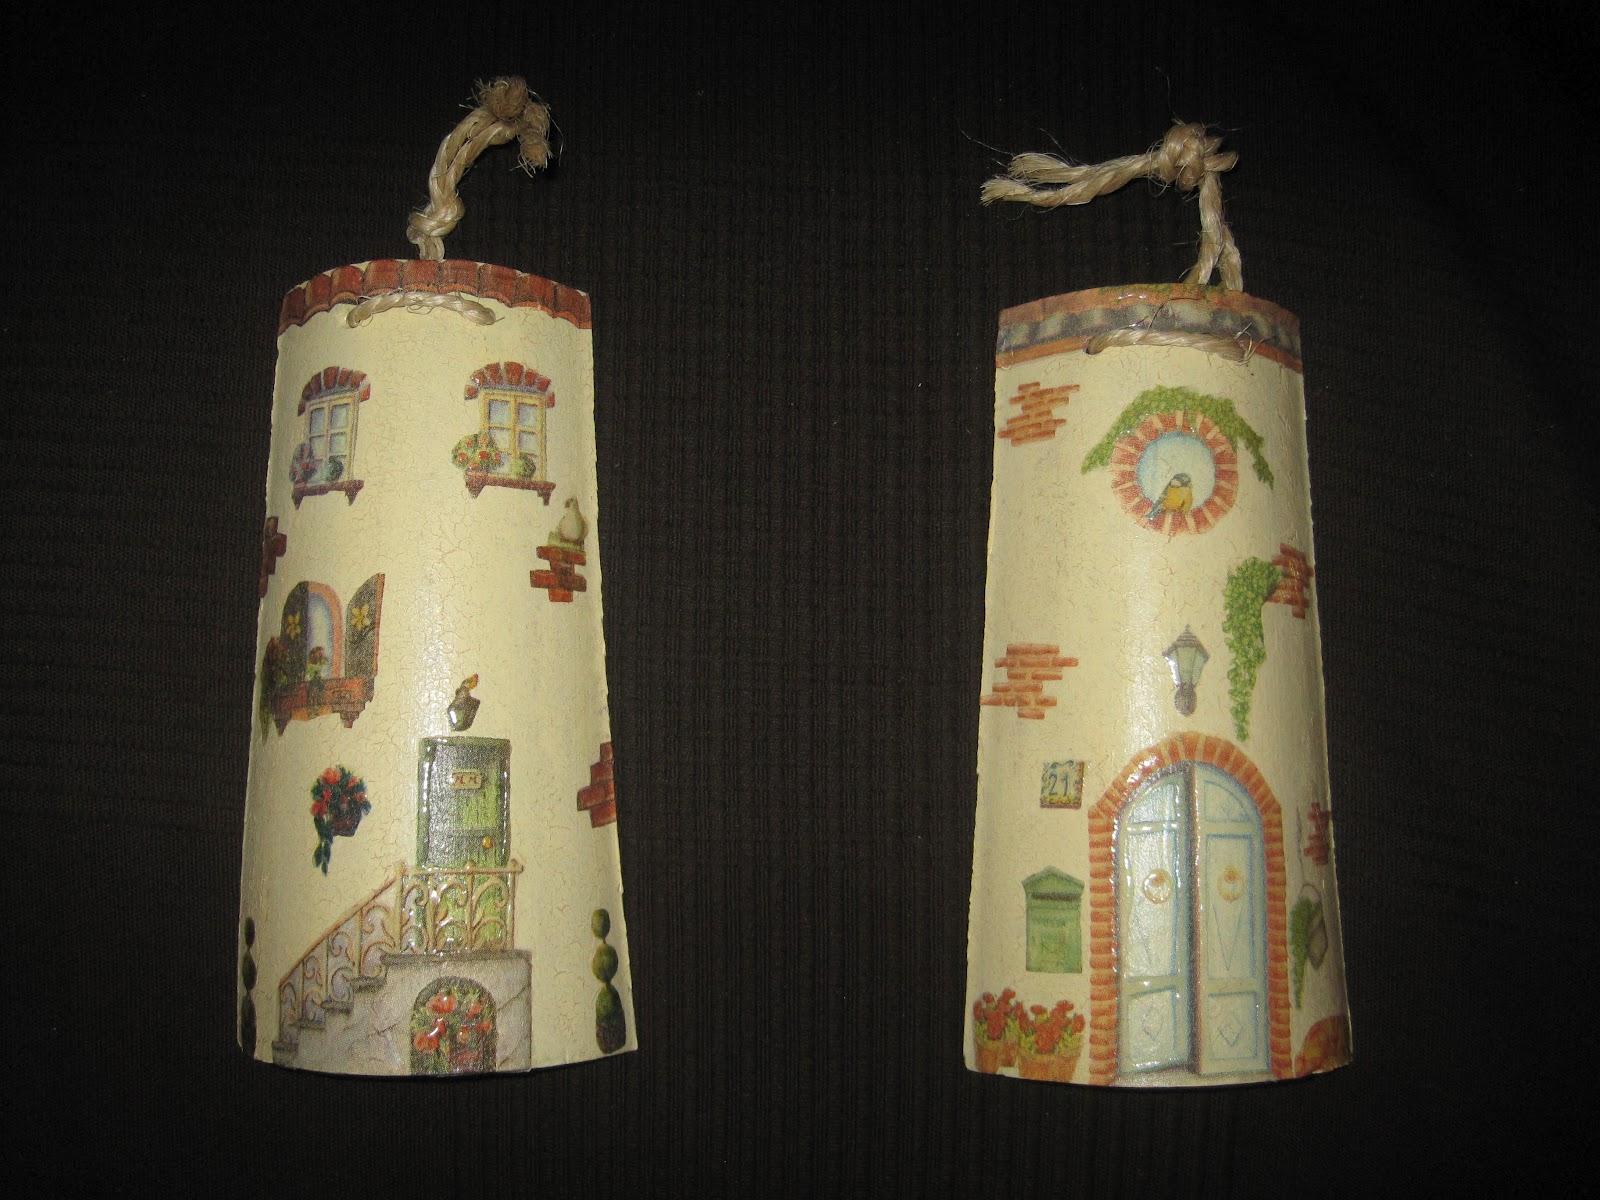 Nuestras mijitas hechas a mano m s tejas decoradas - Tejas pequenas decoradas ...